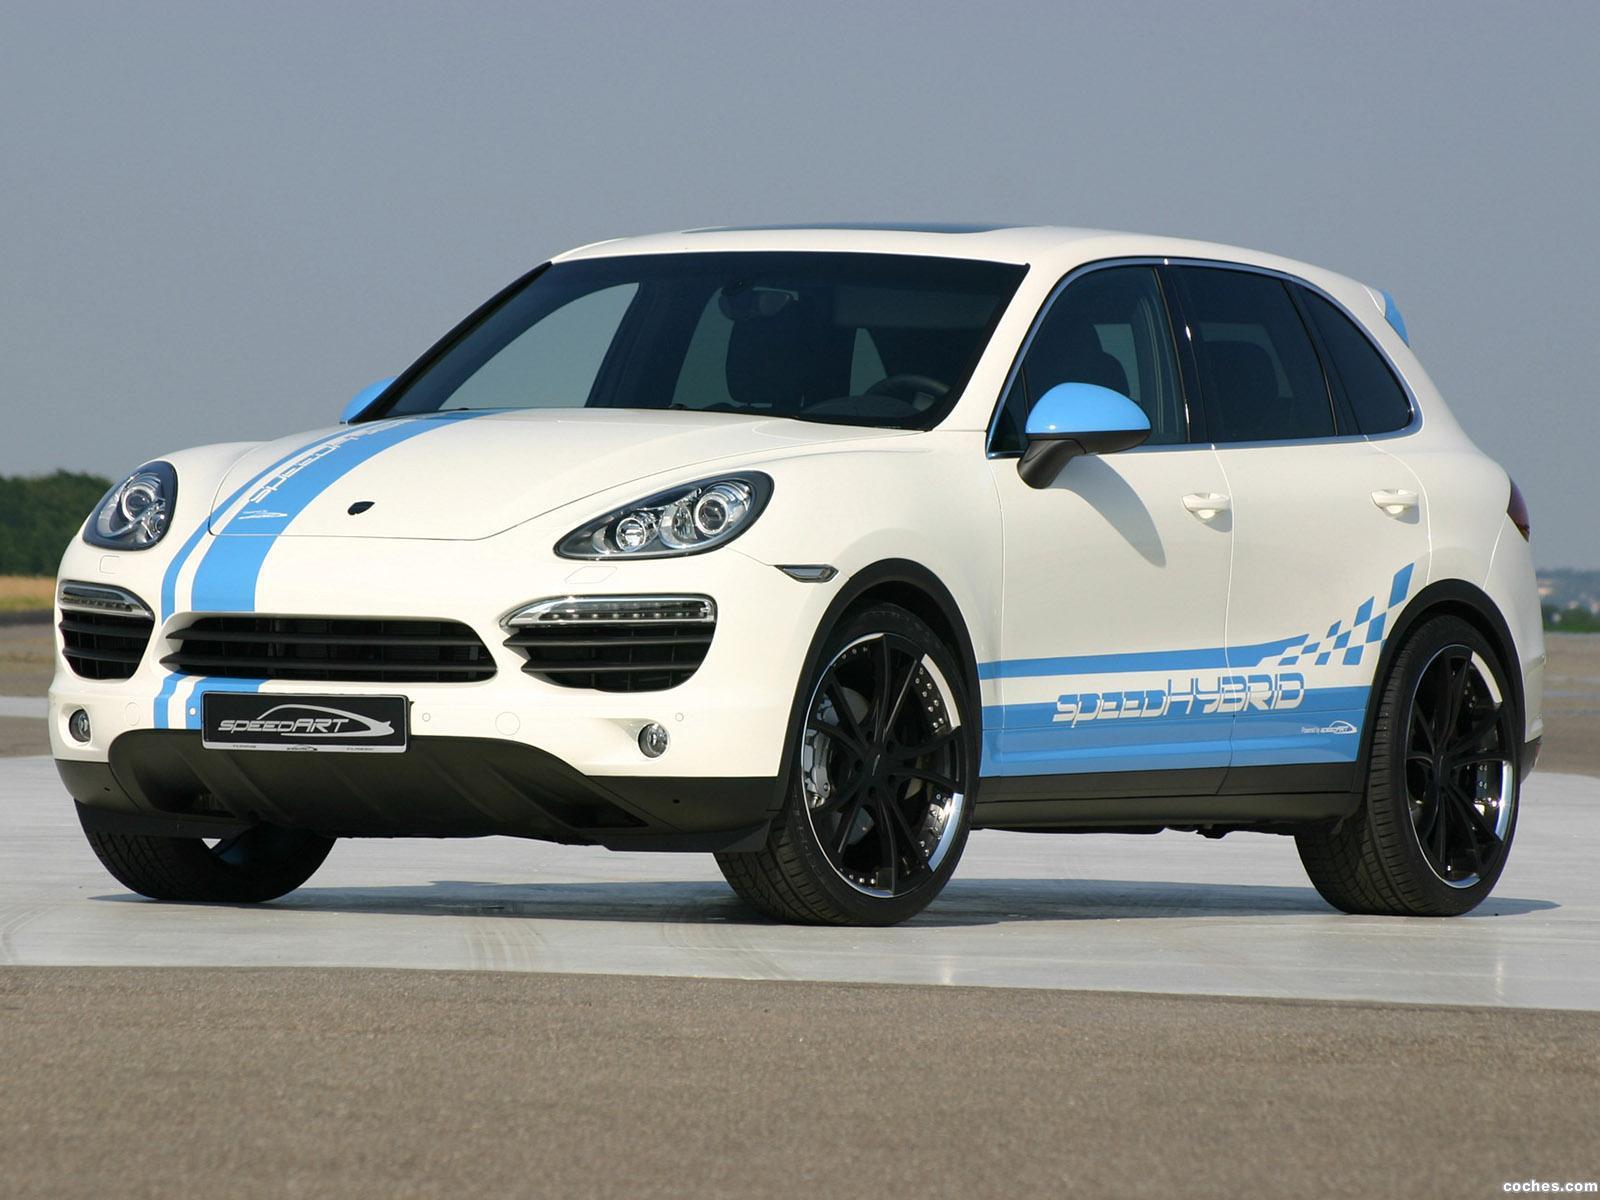 speedart_porsche-cayenne-hybrid-speedhybrid-450-2010_r5